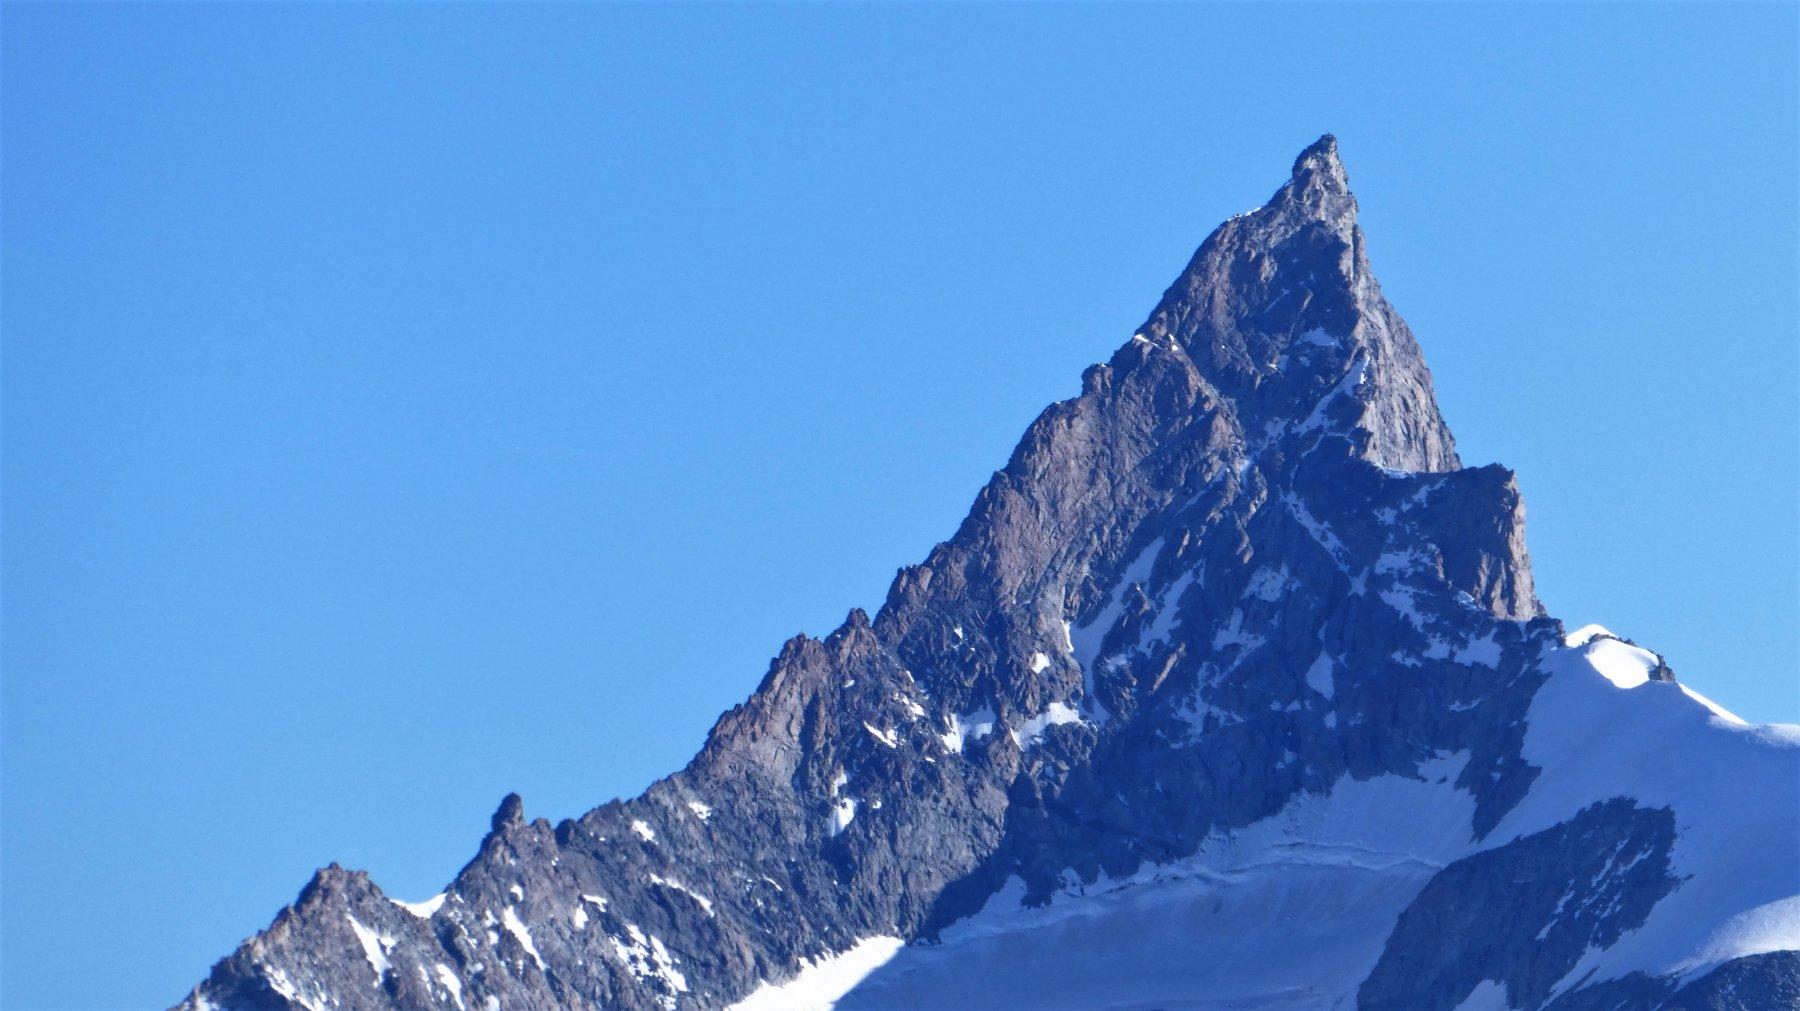 L' elegante silhouette dello Zinalrothorn